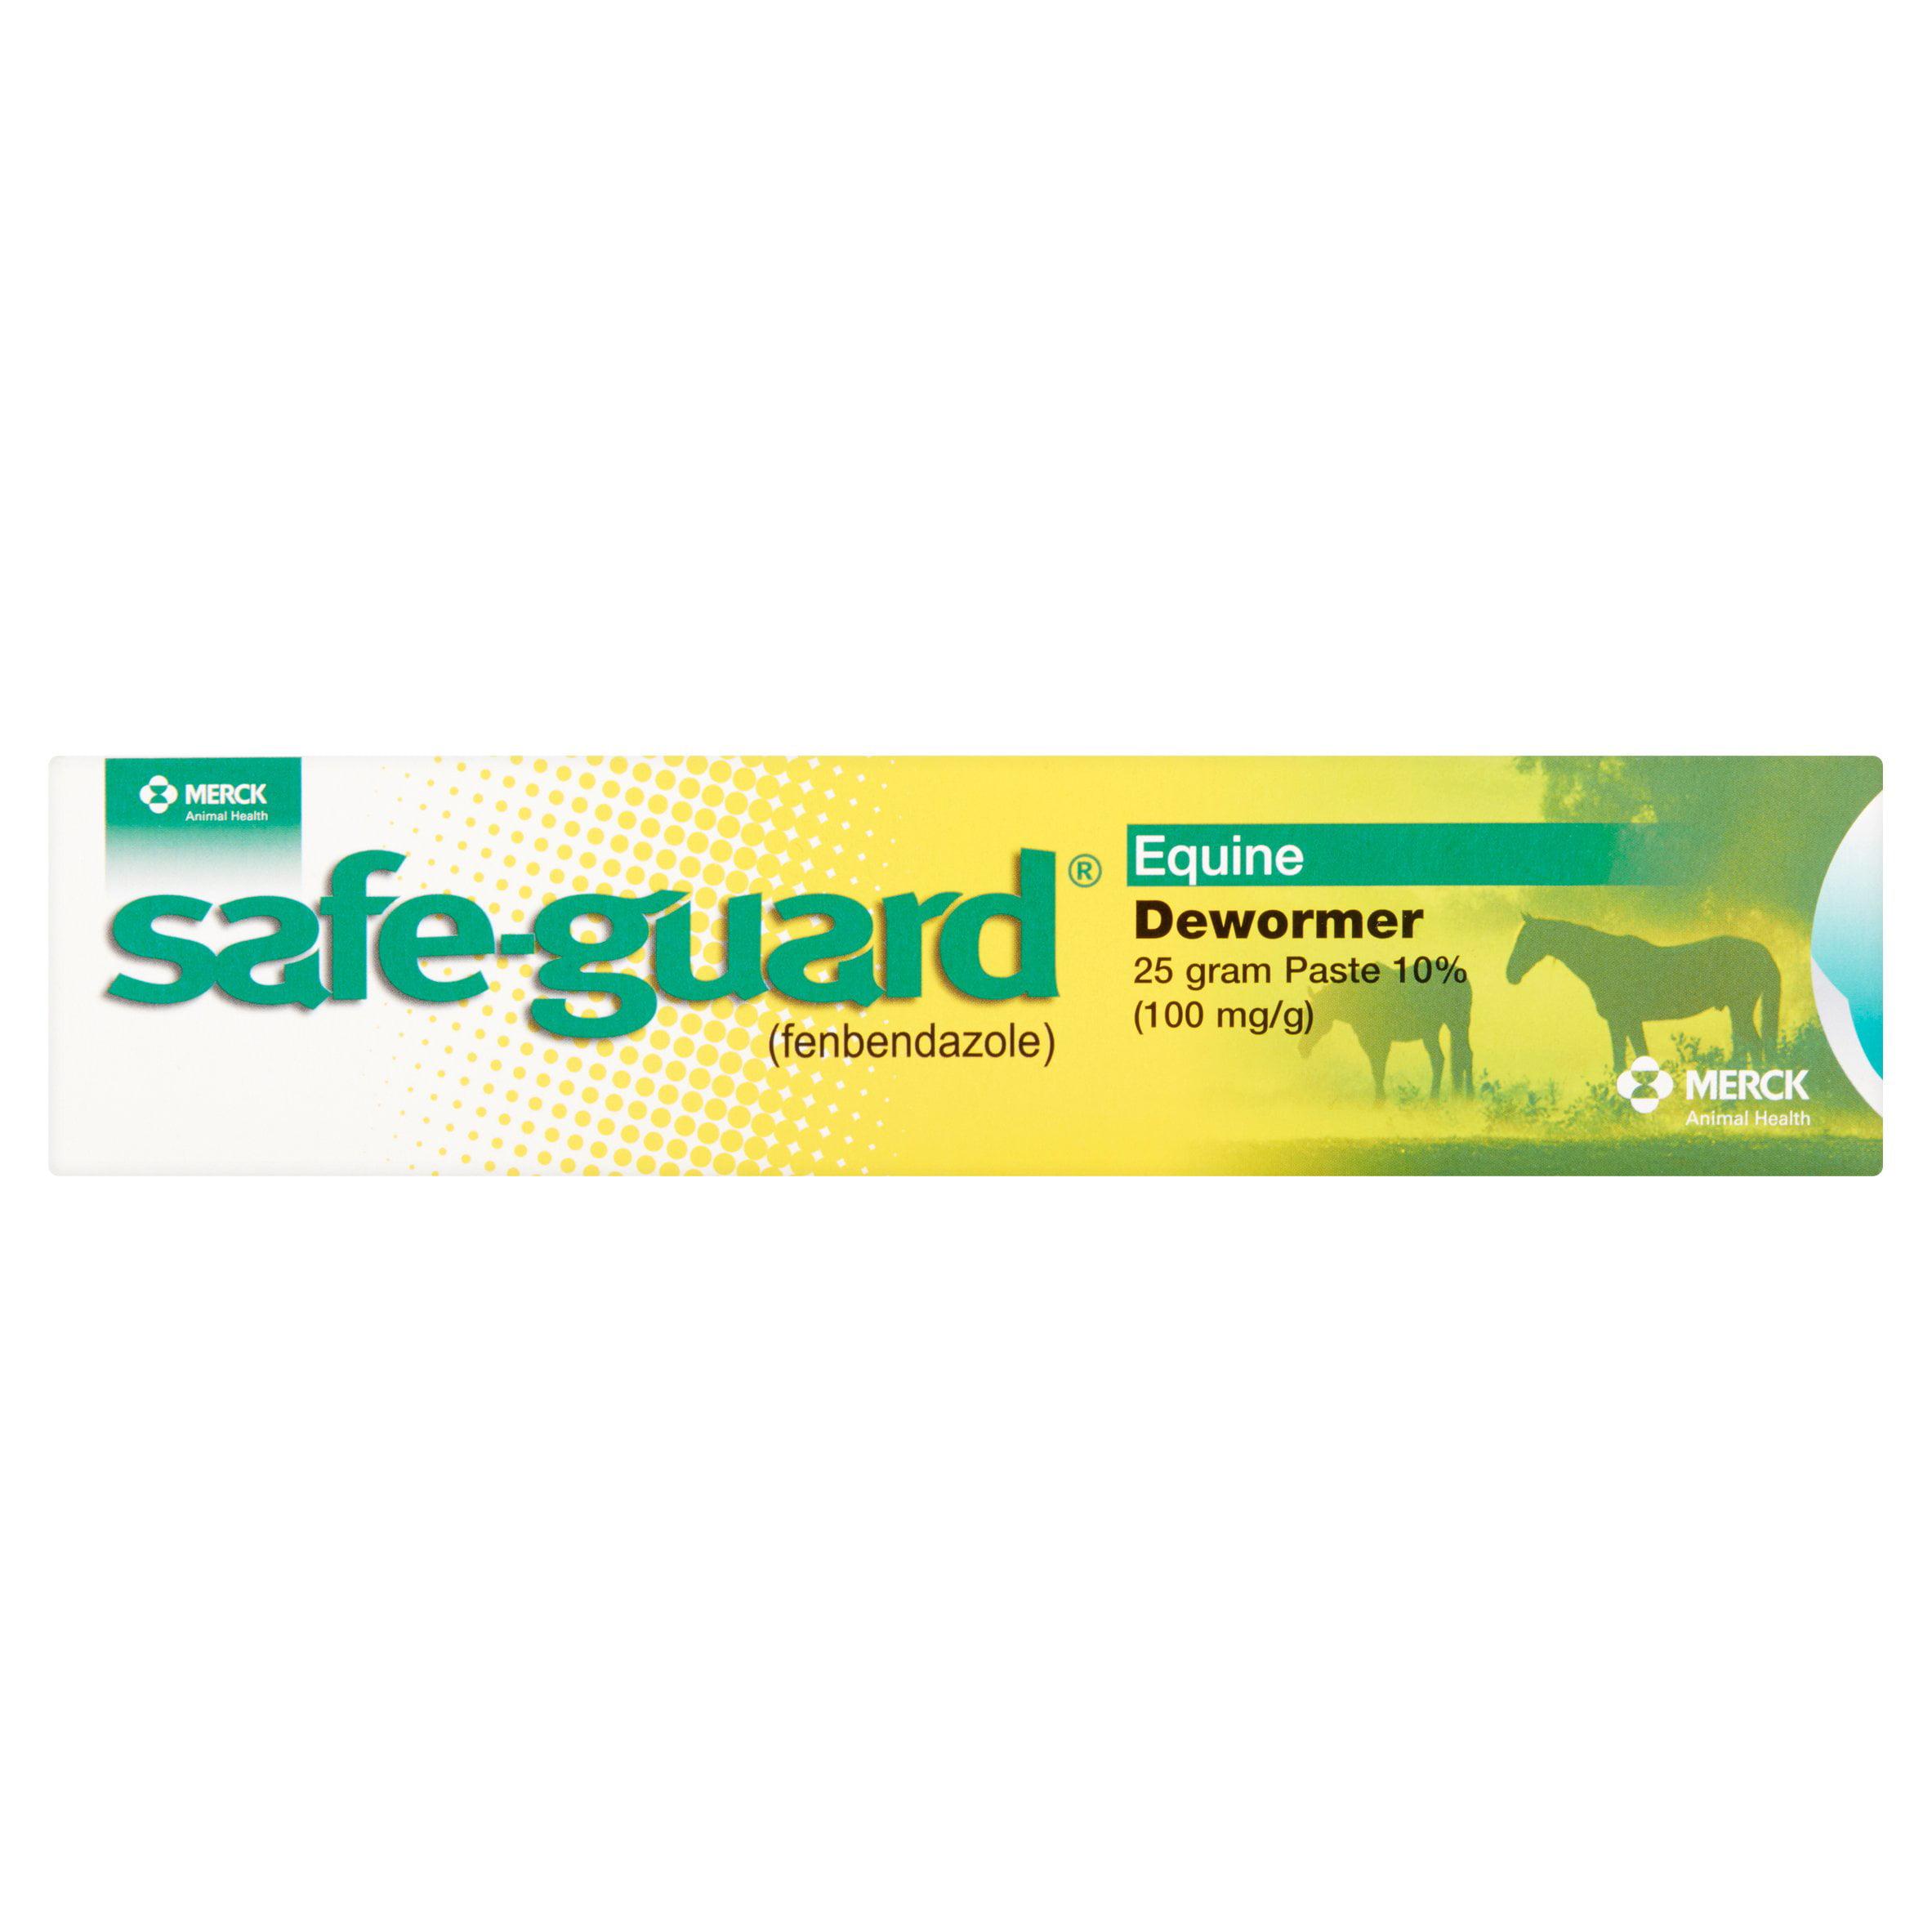 Merck Safe-Guard (Fenbendazole) Equine Dewormer Paste 10%, 100 mg/g, 25 g